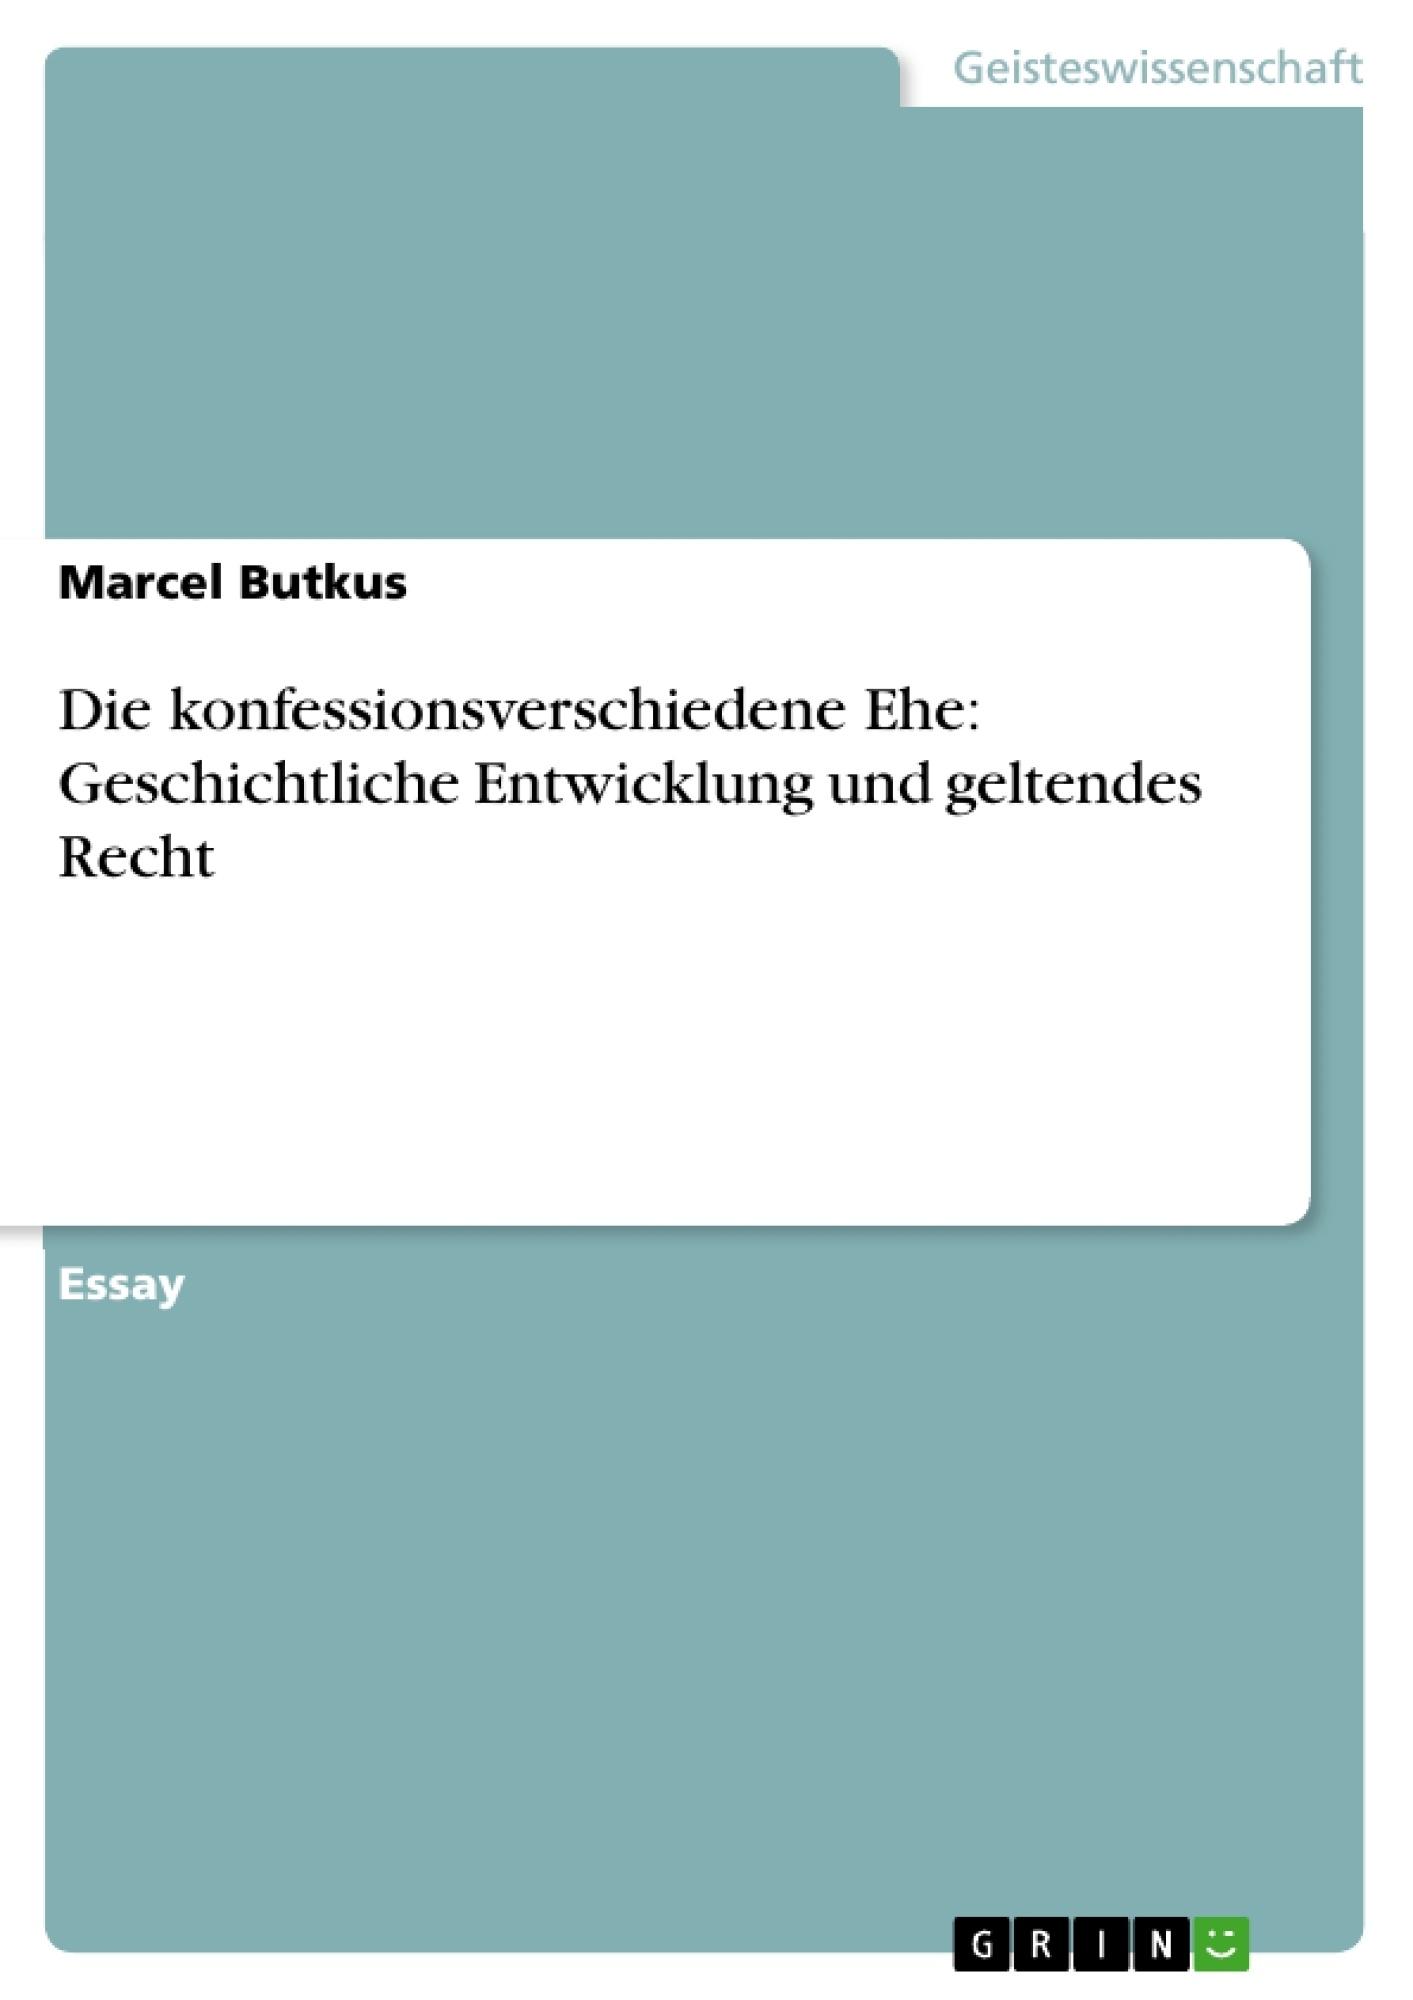 Titel: Die konfessionsverschiedene Ehe: Geschichtliche Entwicklung und geltendes Recht